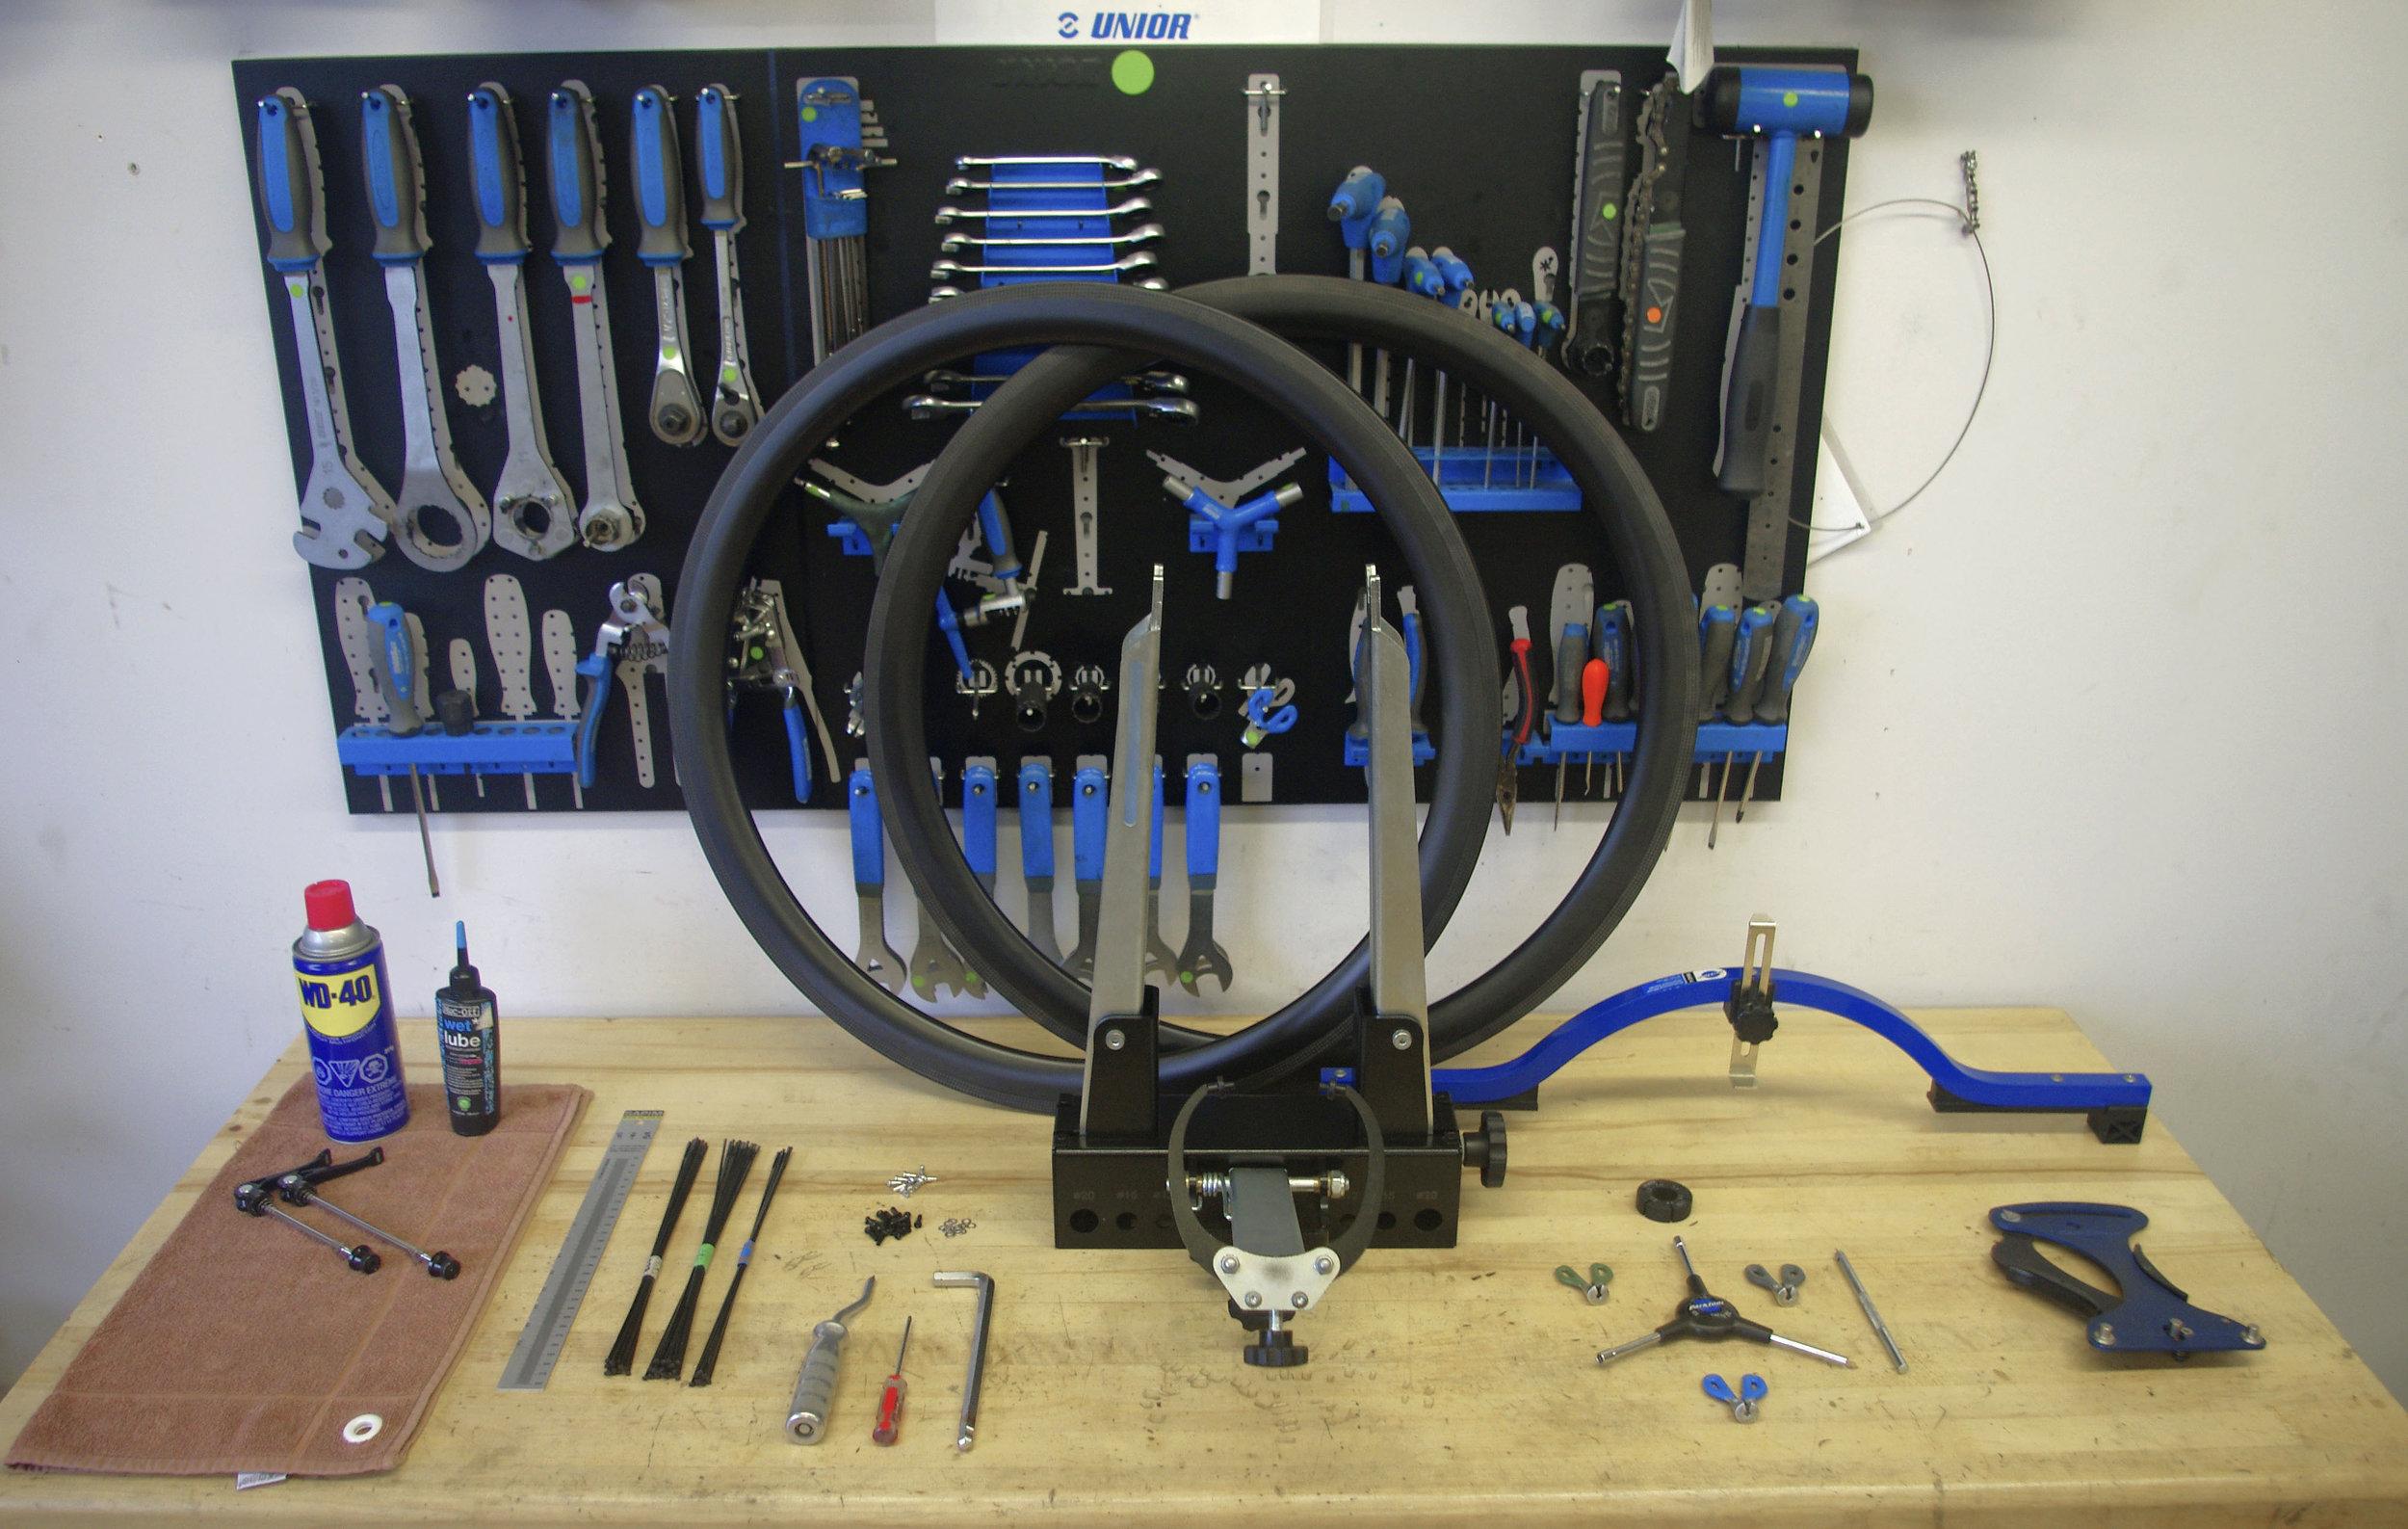 Une vue d'ensemble du matériel de base